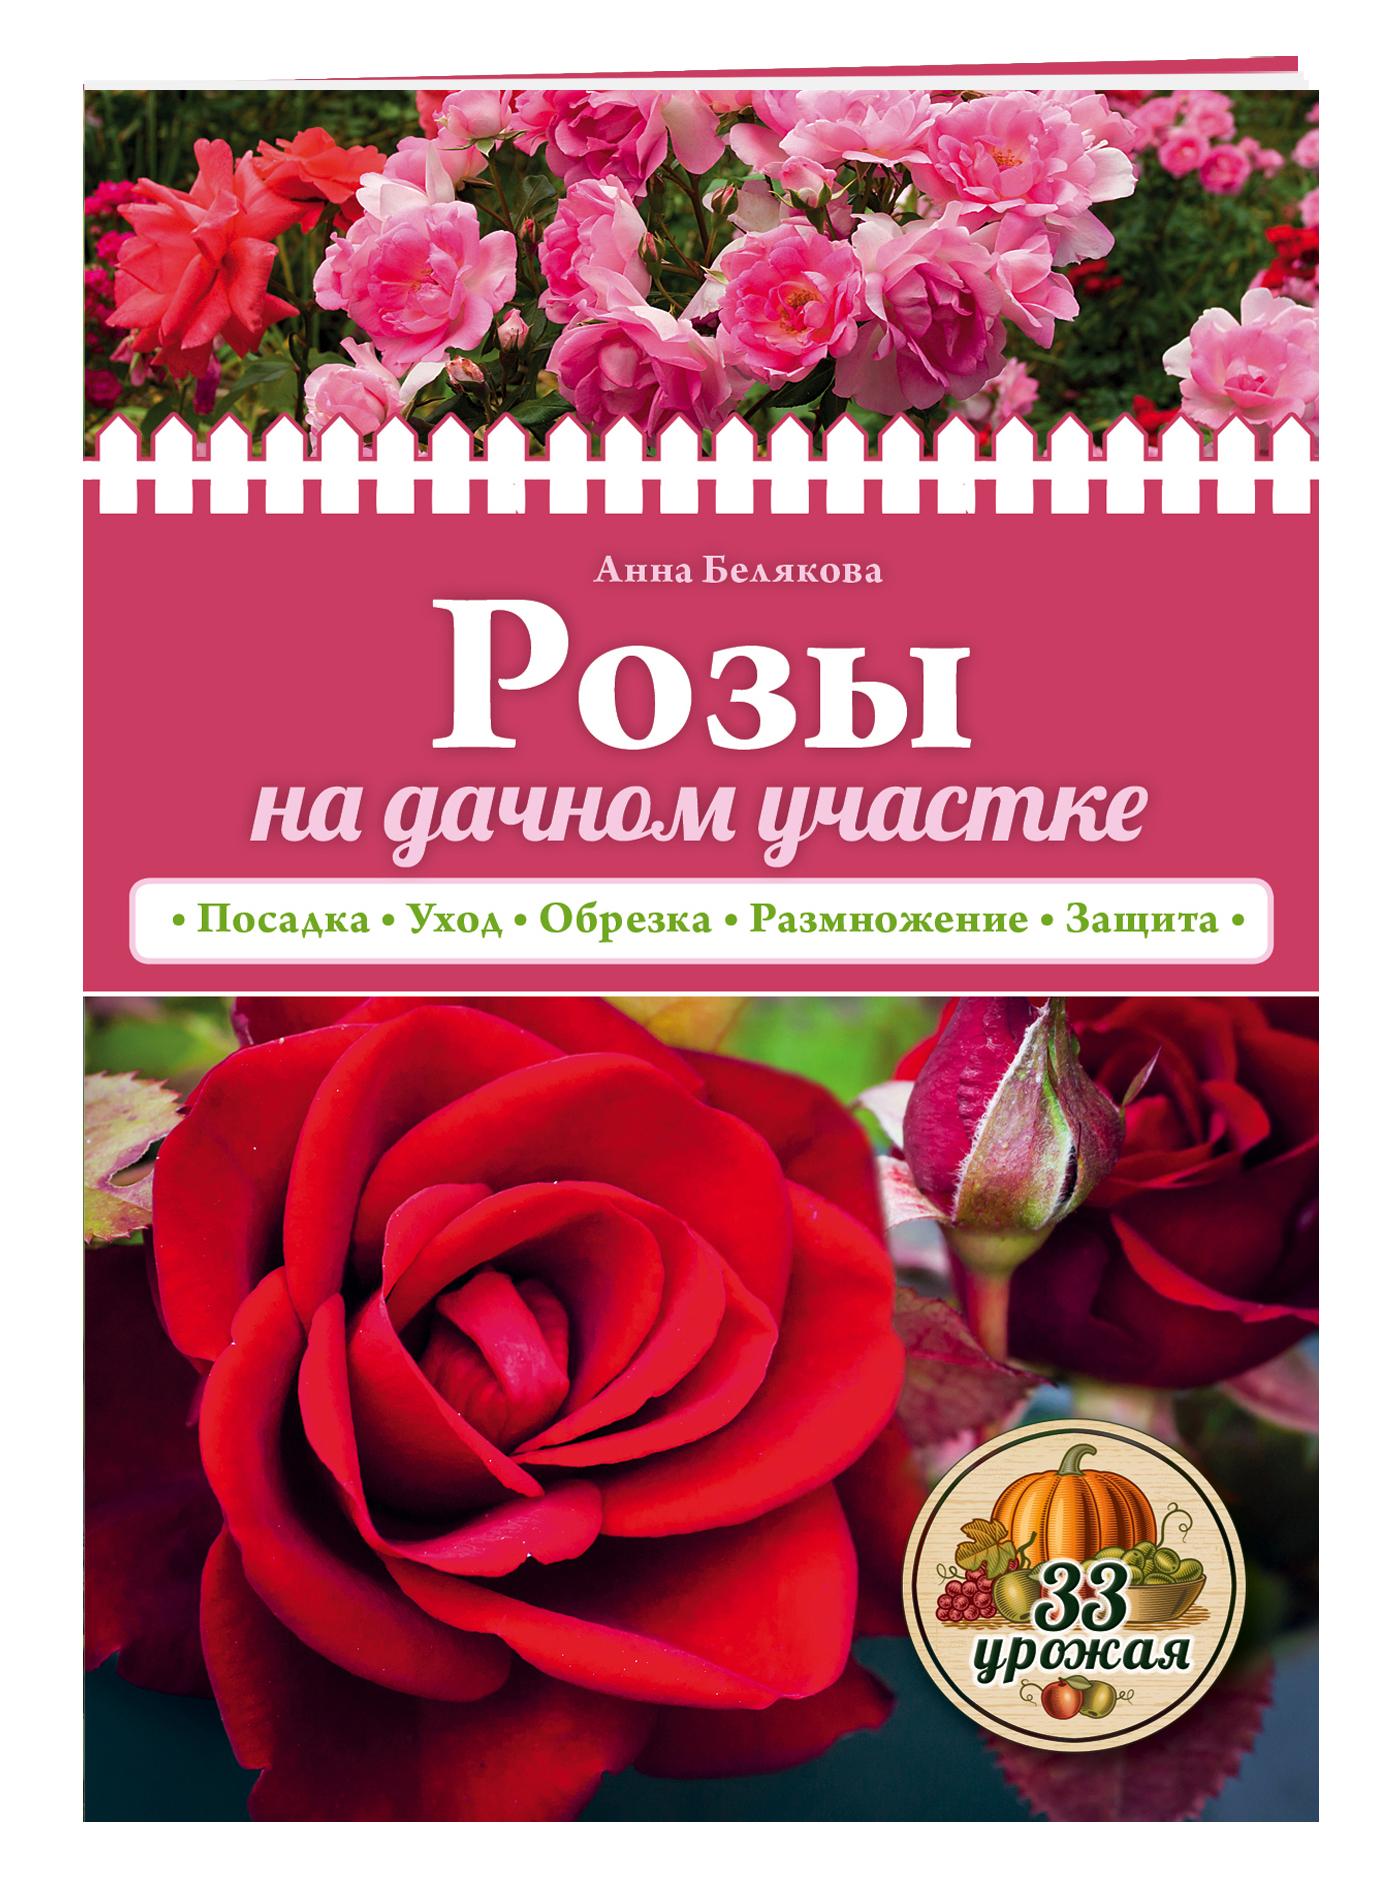 Розы на дачном участке (нов.оф.) от book24.ru